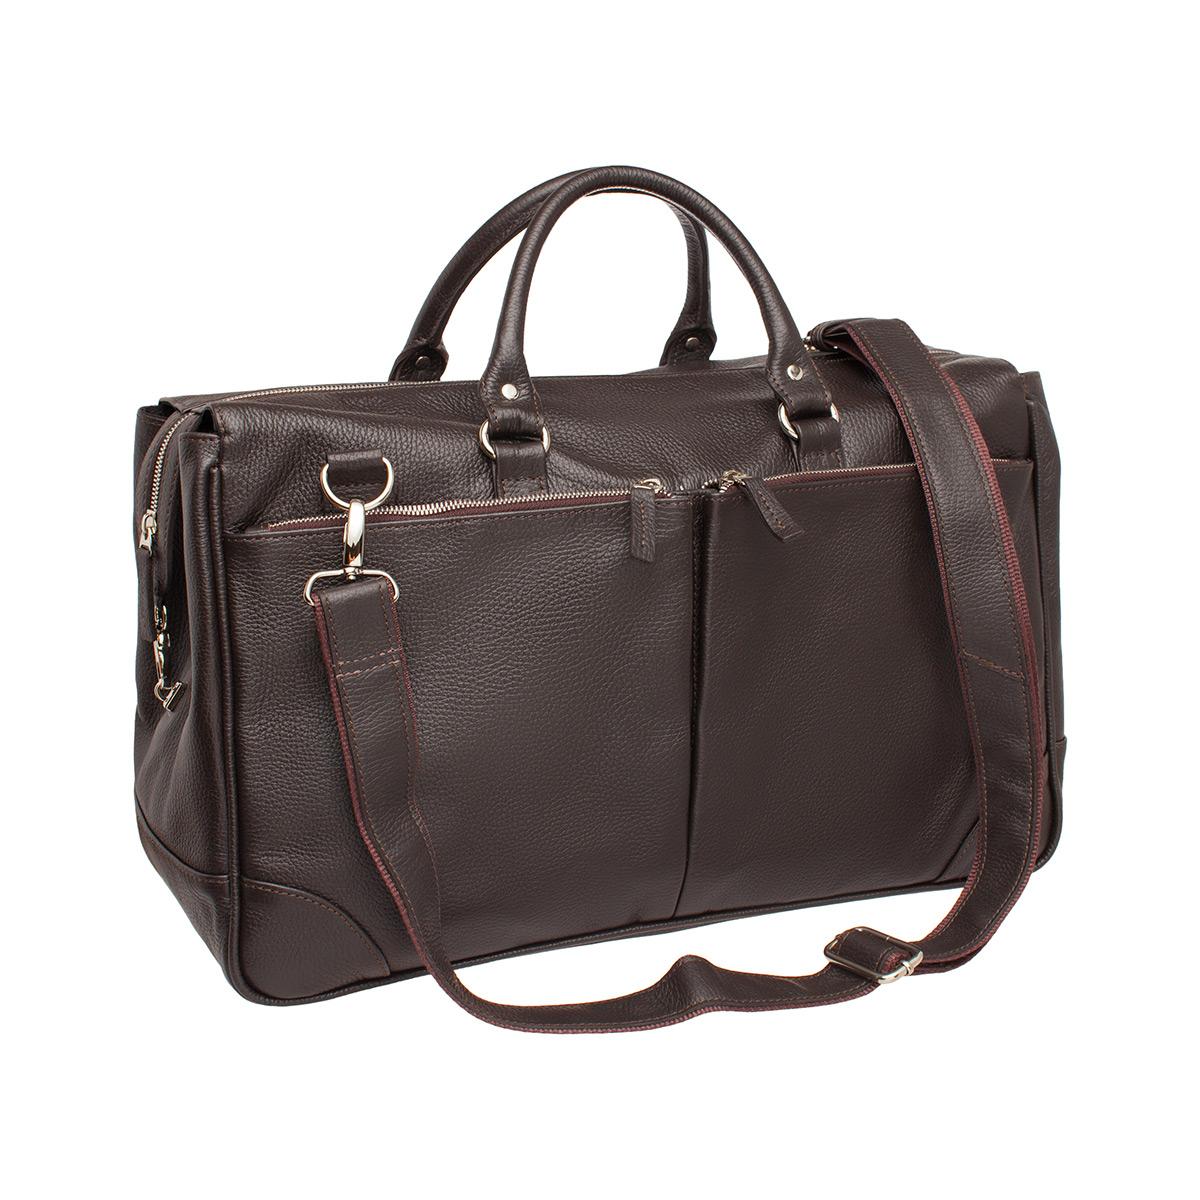 Дорожная сумка кожаная Lakestone 975218 коричневая 46 x 22 x 27 фото